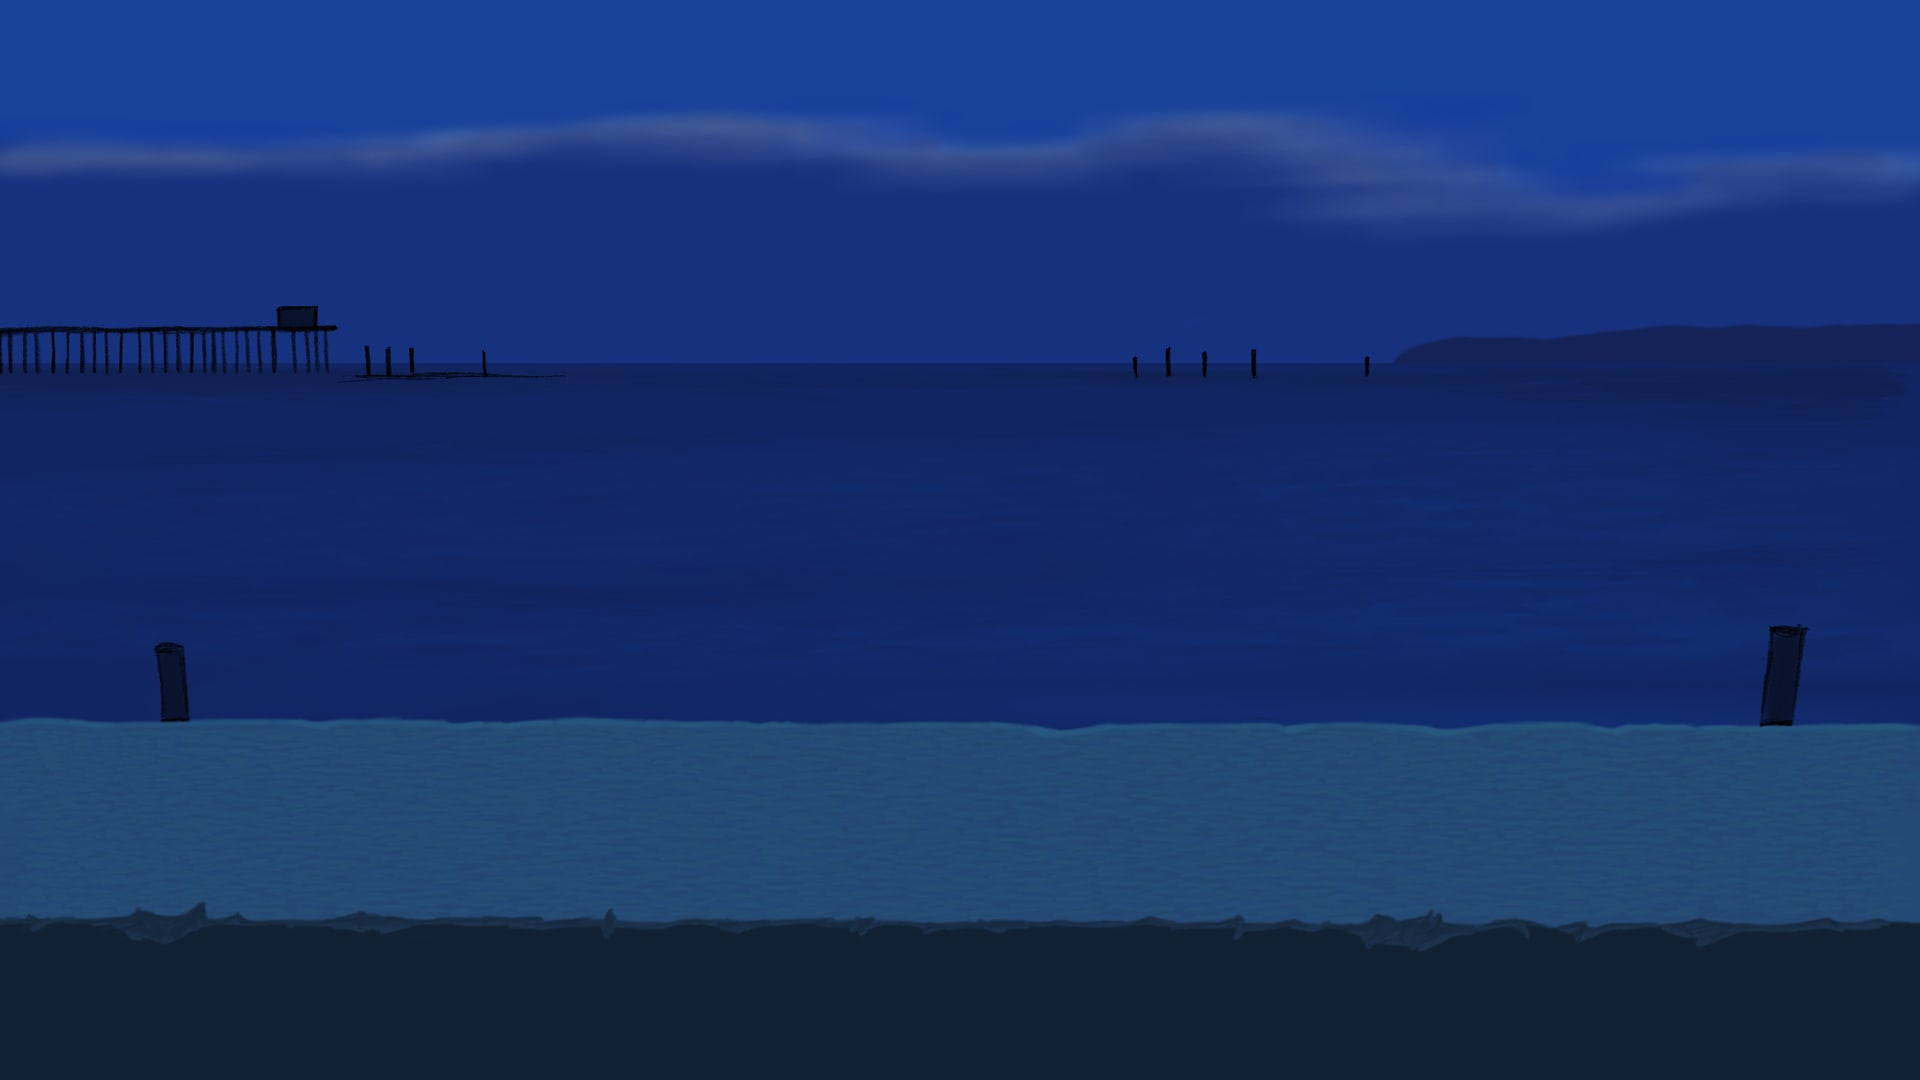 人物と、ススキと、海への月明かりの映り込みを外した背景画像です。 夜空... 【ヨコハマ買い出し